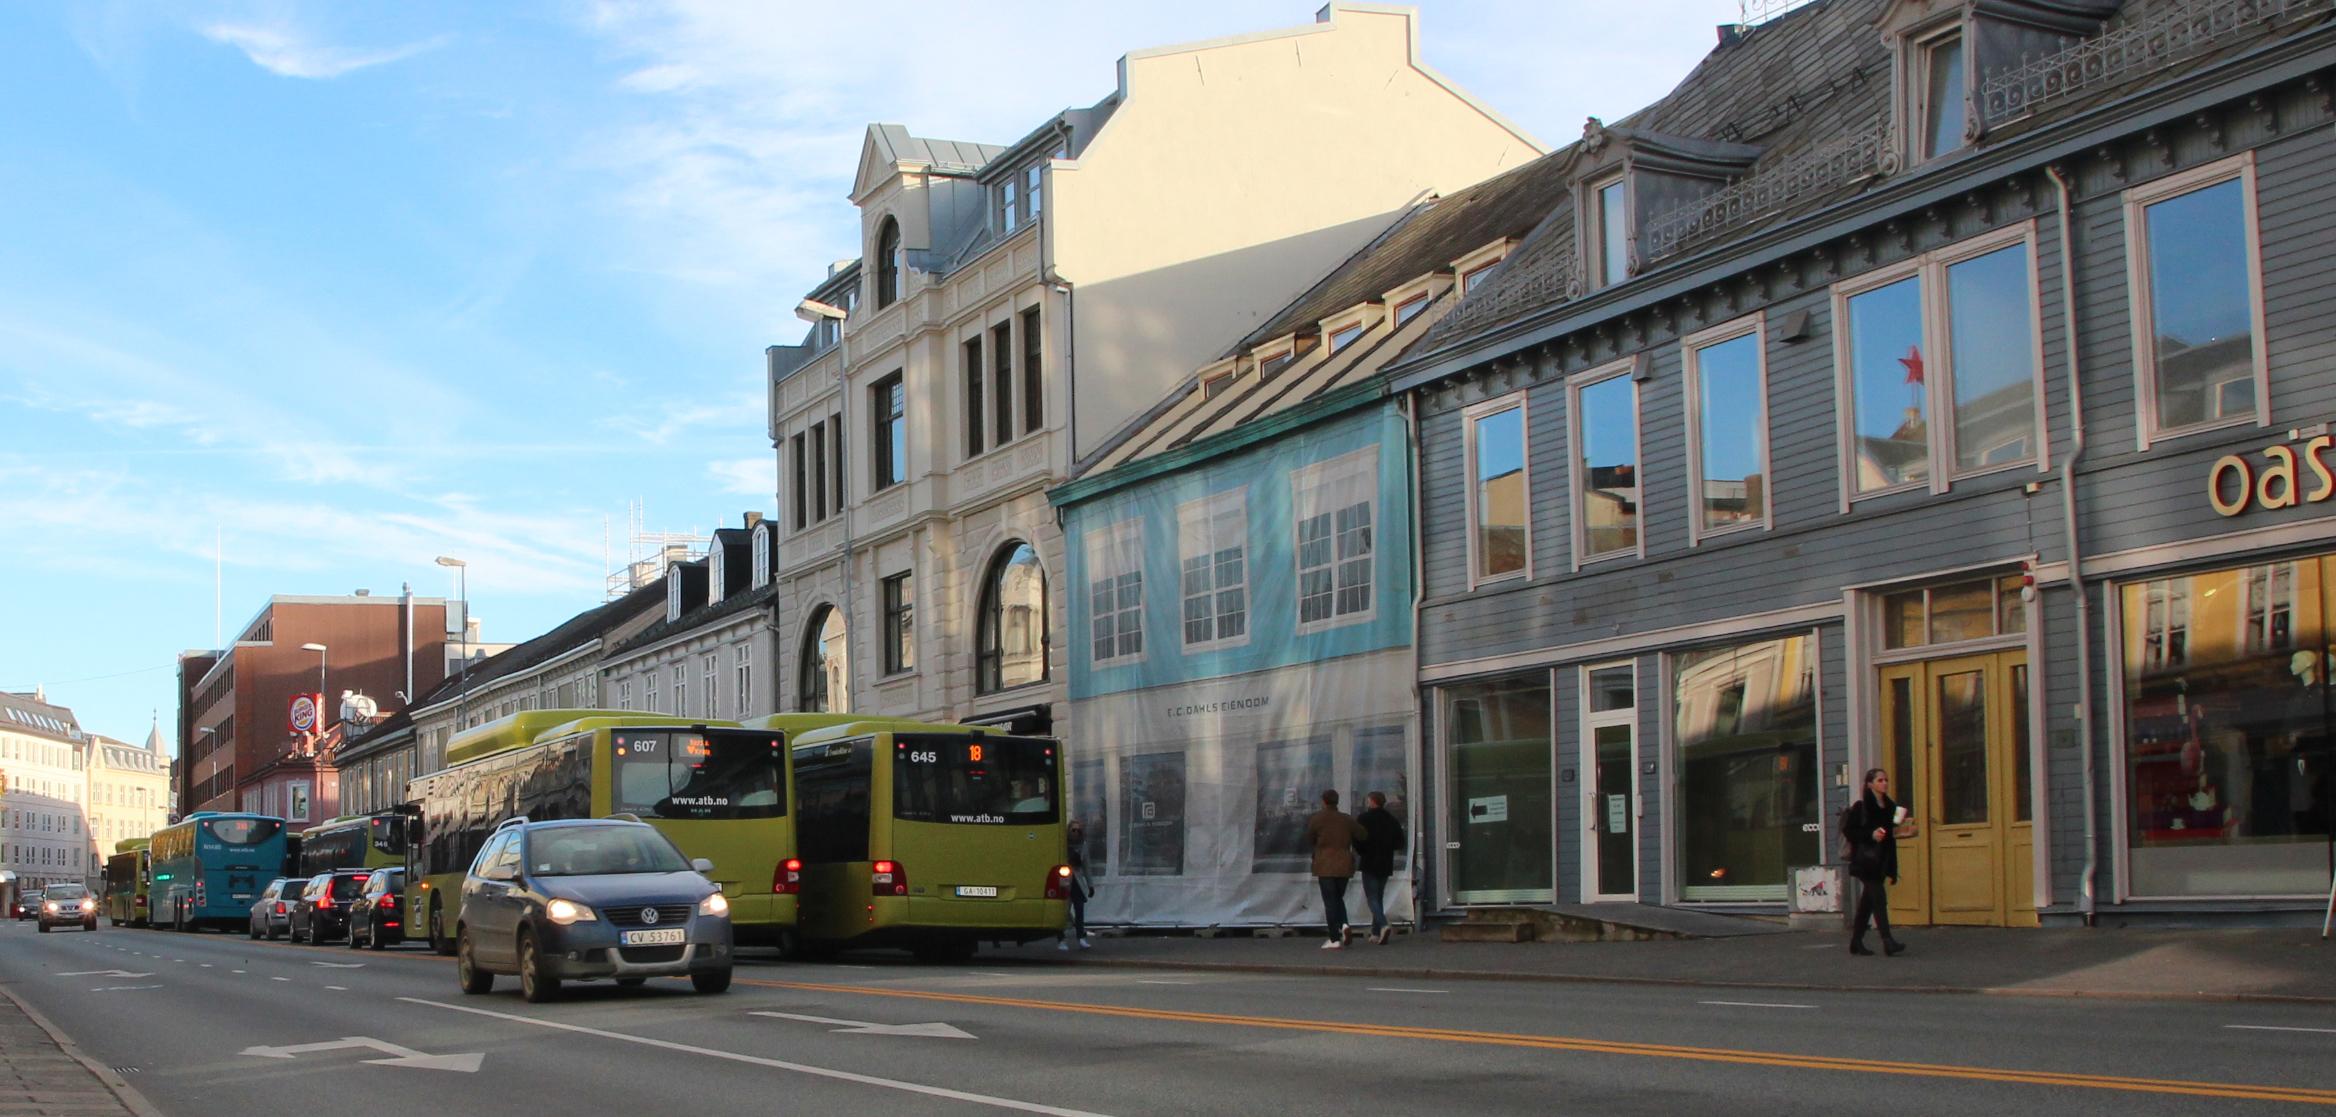 Sentralt område for utvikling av Midtbyen. E. C. Dahls Eiendom har jobbet lenge for at det skal bygges parkeringsgarasje under Olav Tryggvasons gate. Selskapet håper også på å få bygget ut Midtbykvartalet mellom Olav Tryggvasons gate og Thomas Angells gate.